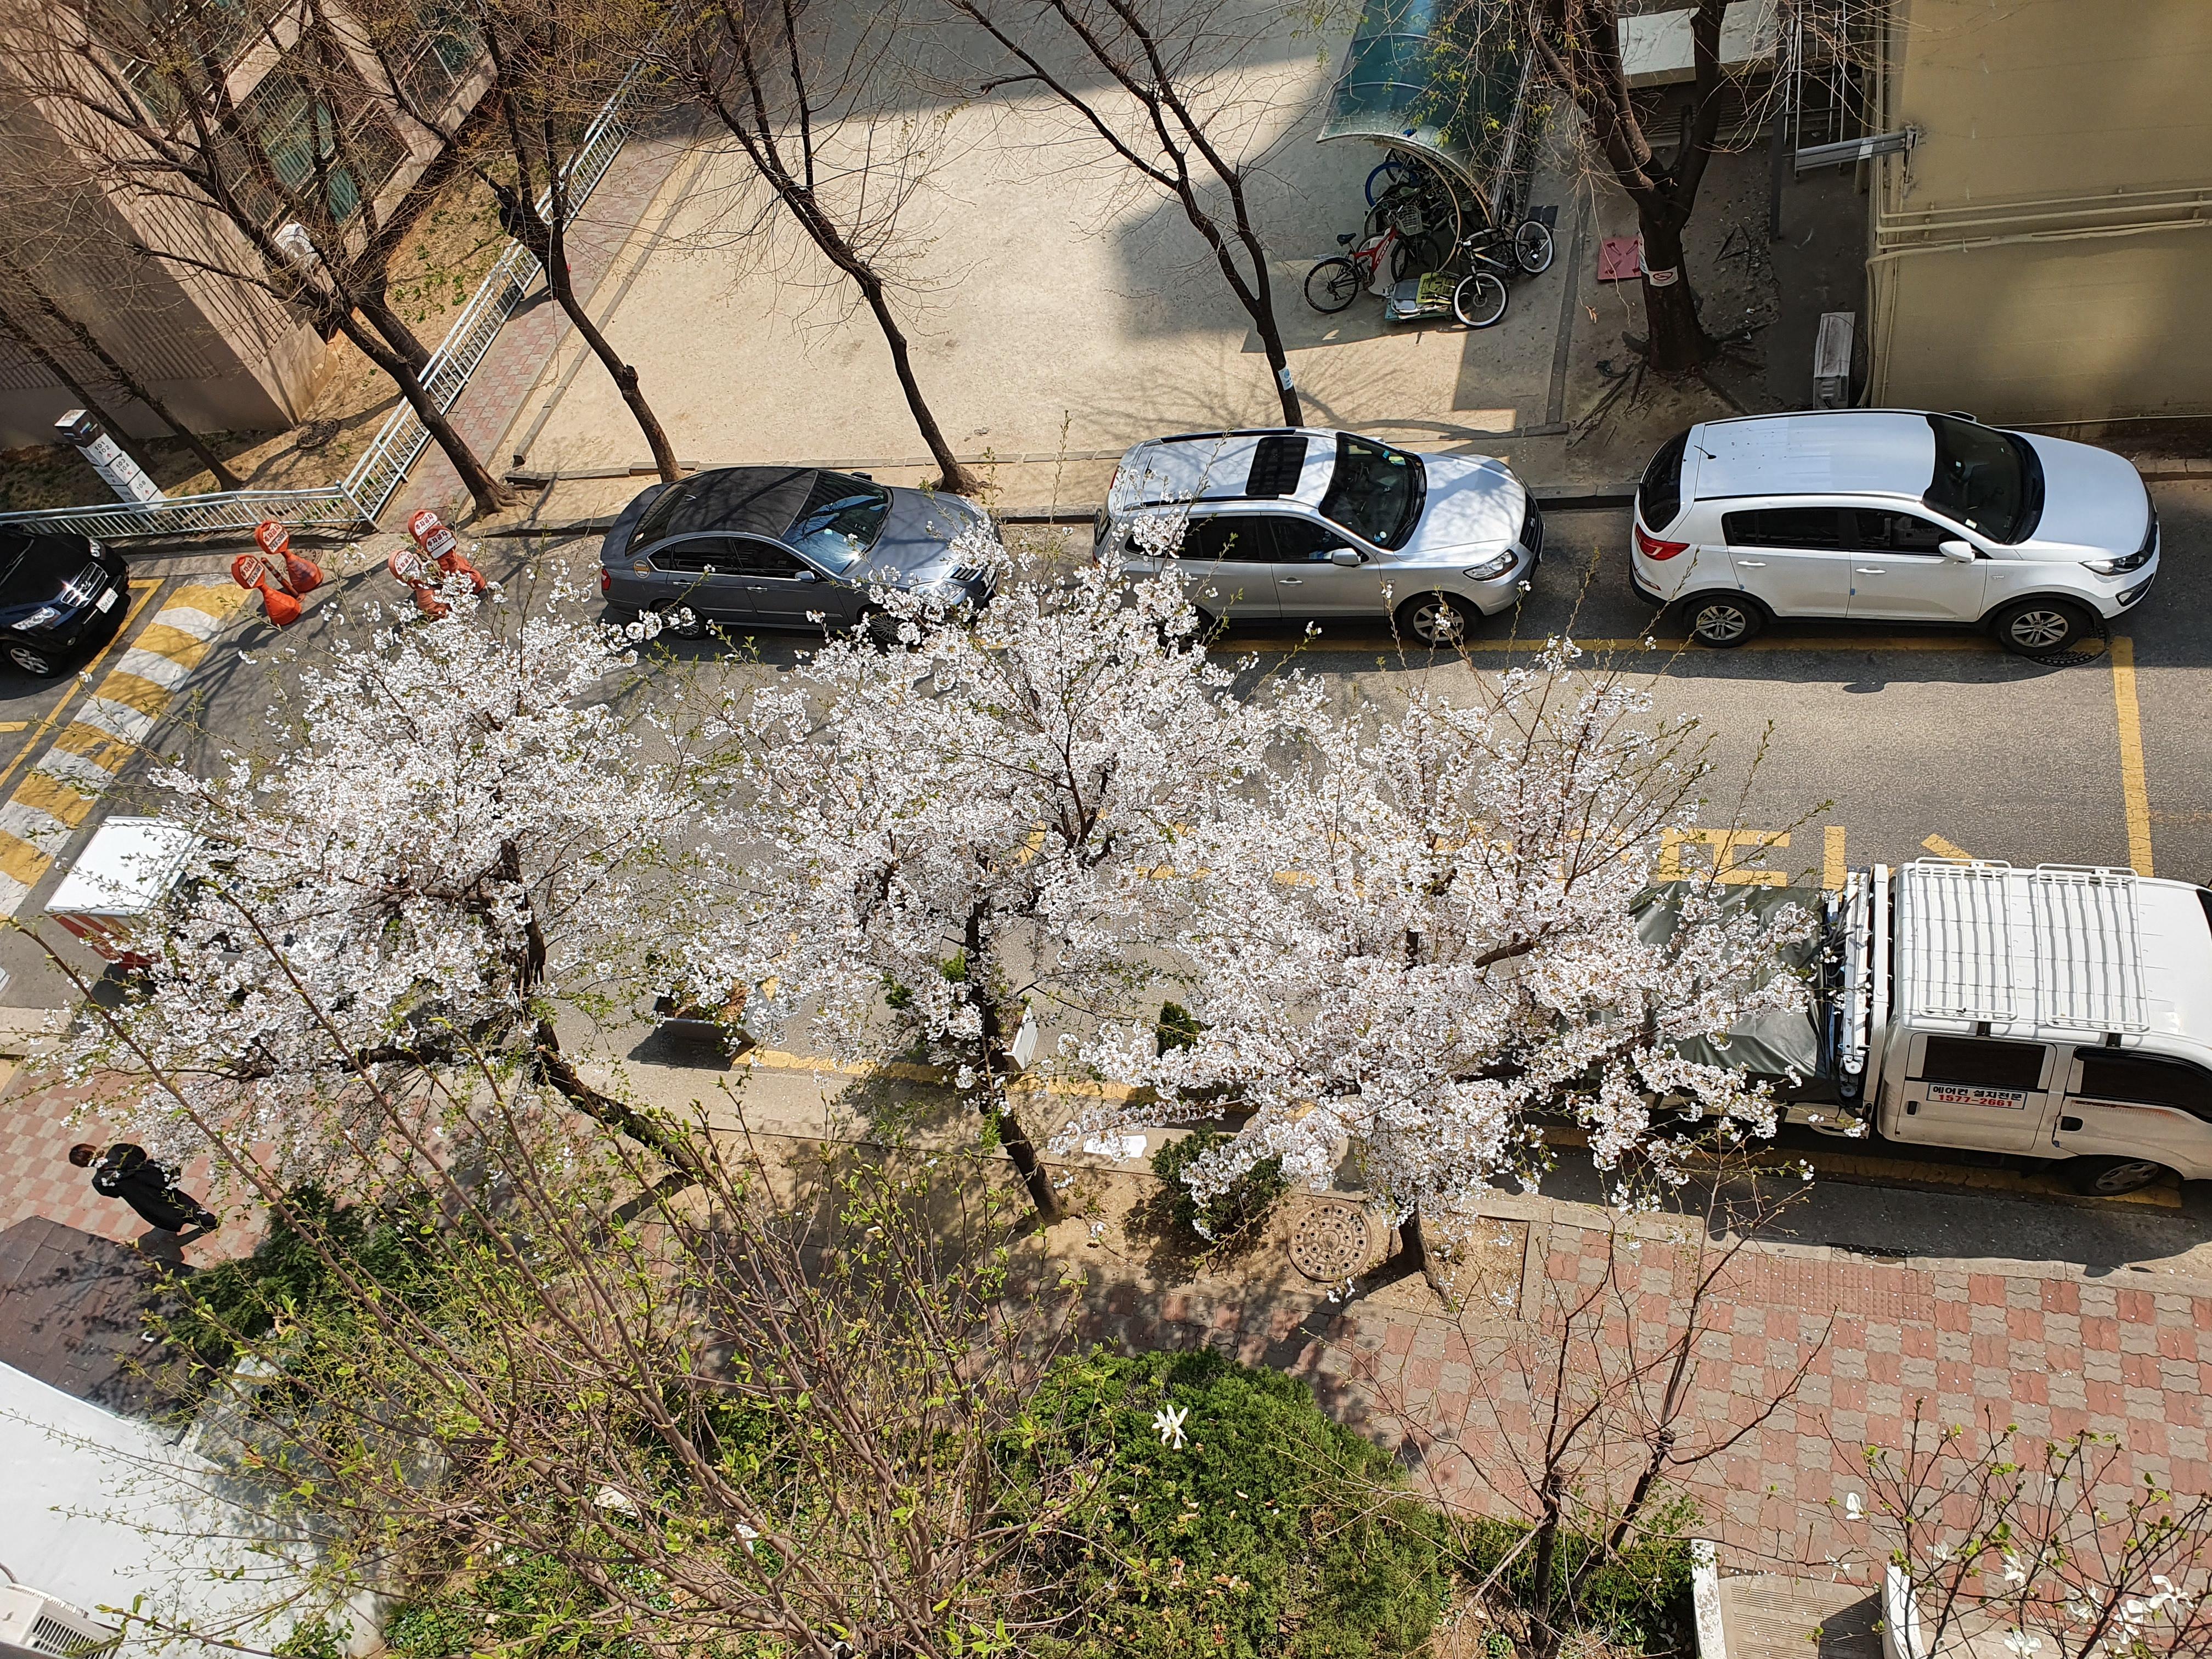 창문 열고 벚꽃 구경